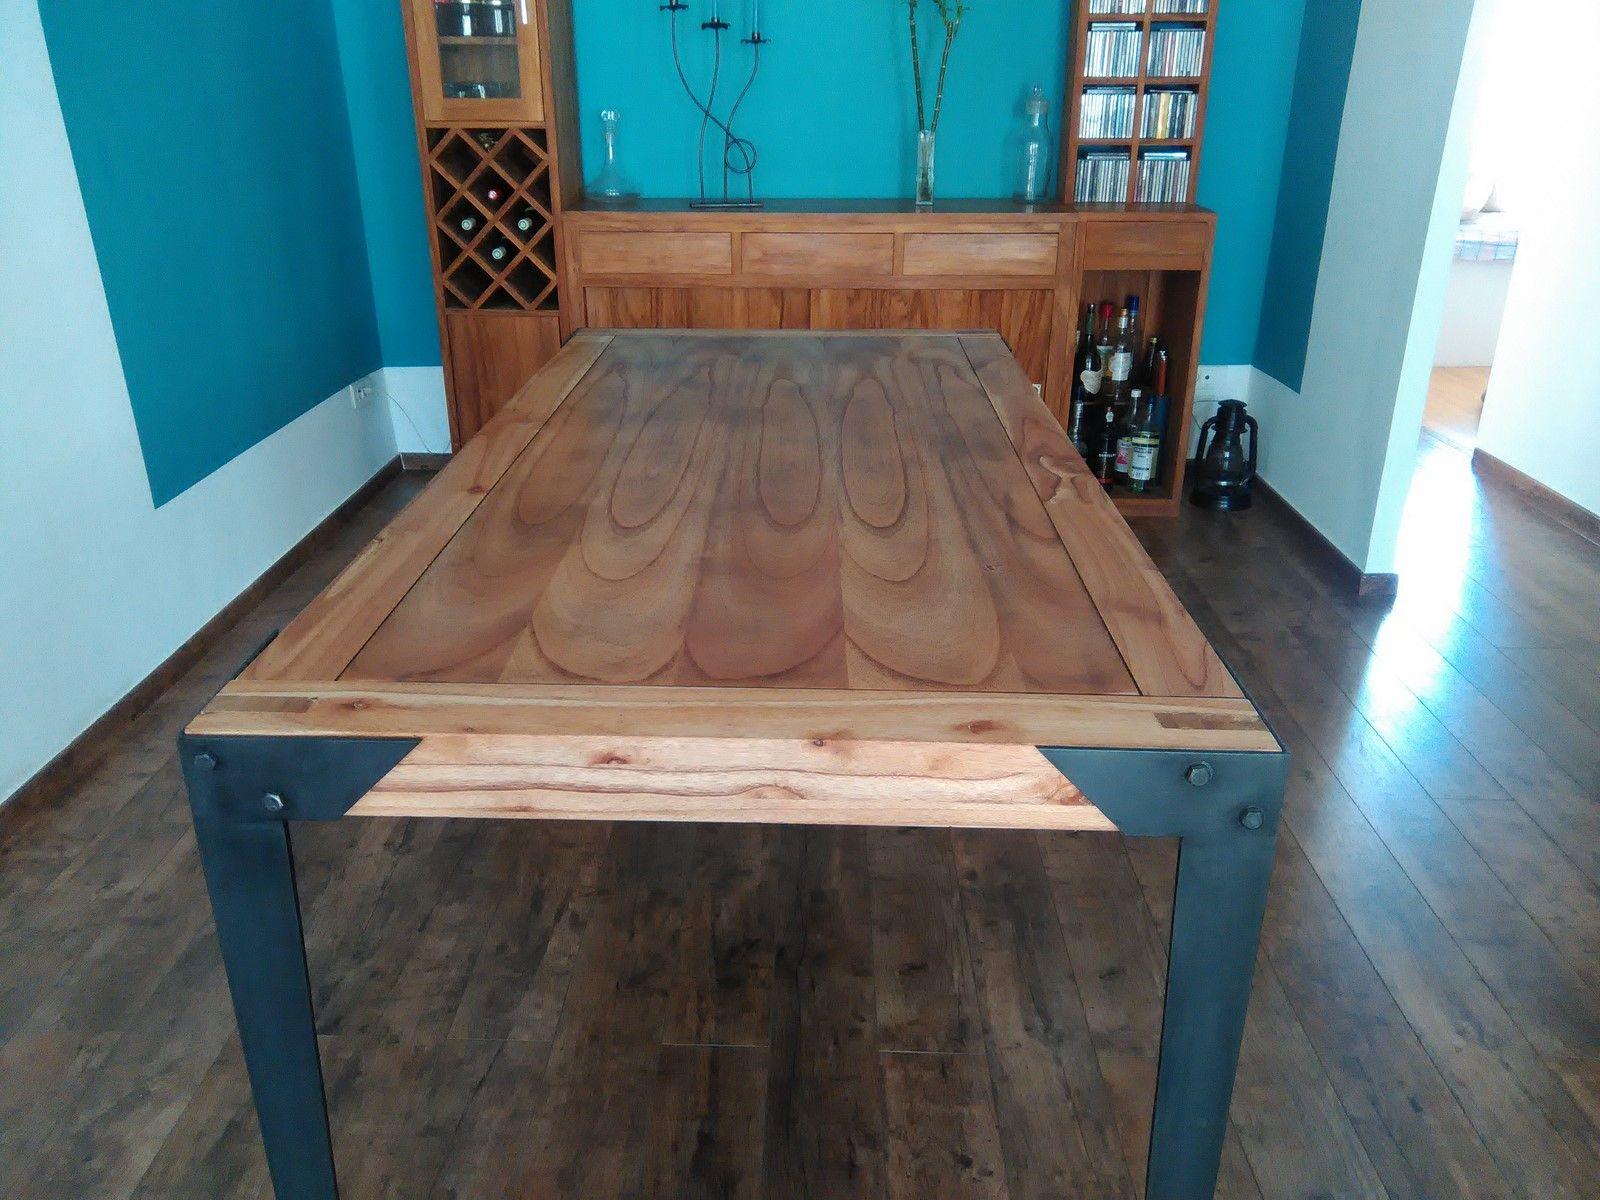 Table de salle manger sur mesure hy res freestyle forge for Table salle a manger sur mesure